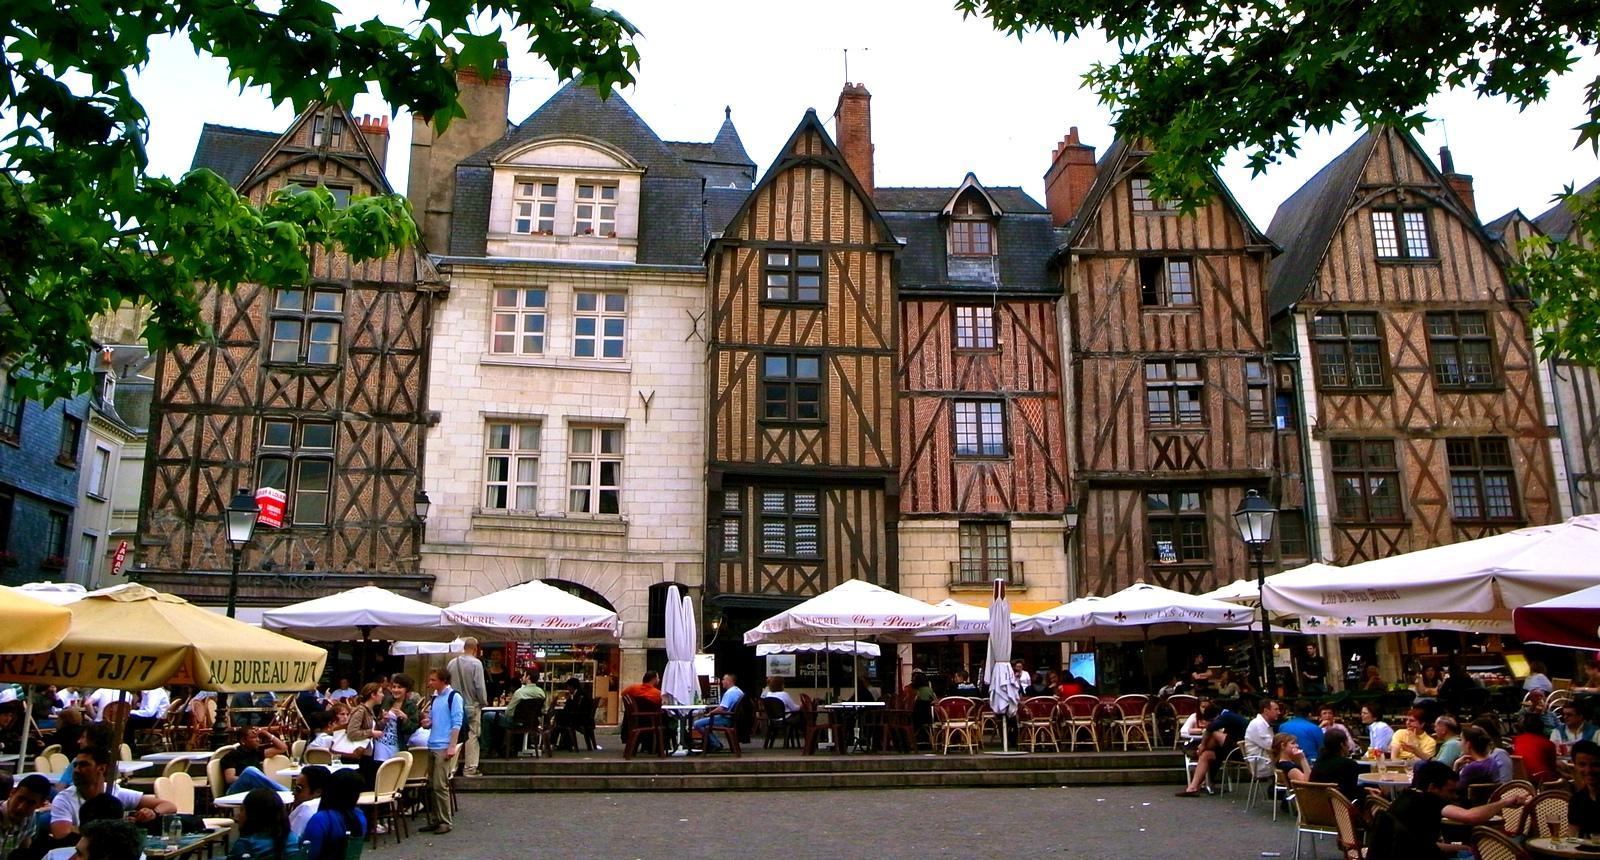 153602_etape_13_du_tour_de_france_2013_tours_indre_et_loire_1.jpg